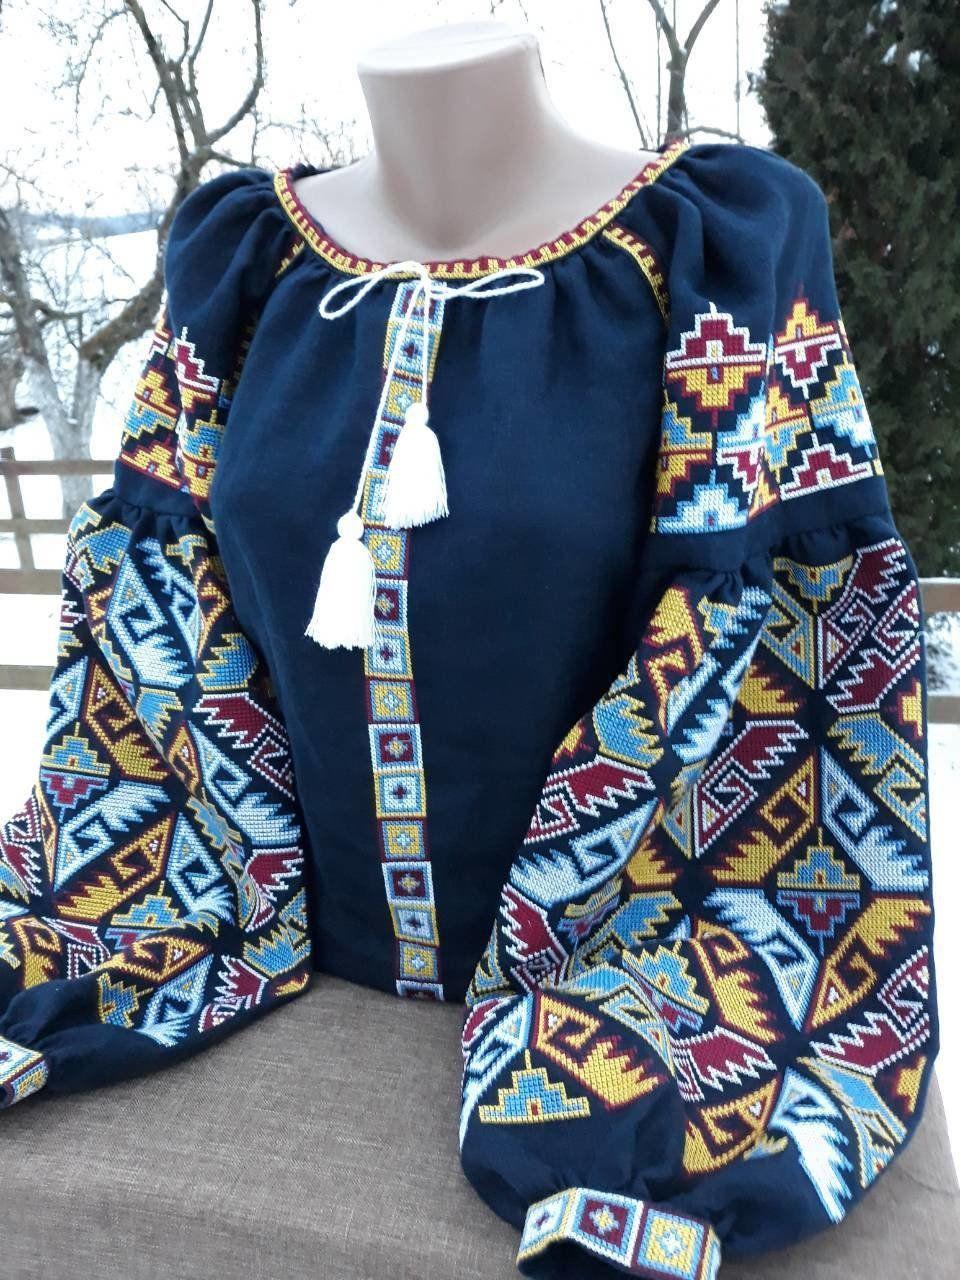 ef36b3c6a1757a Вишиванка, жіноча вишивана блузка на синьому льоні